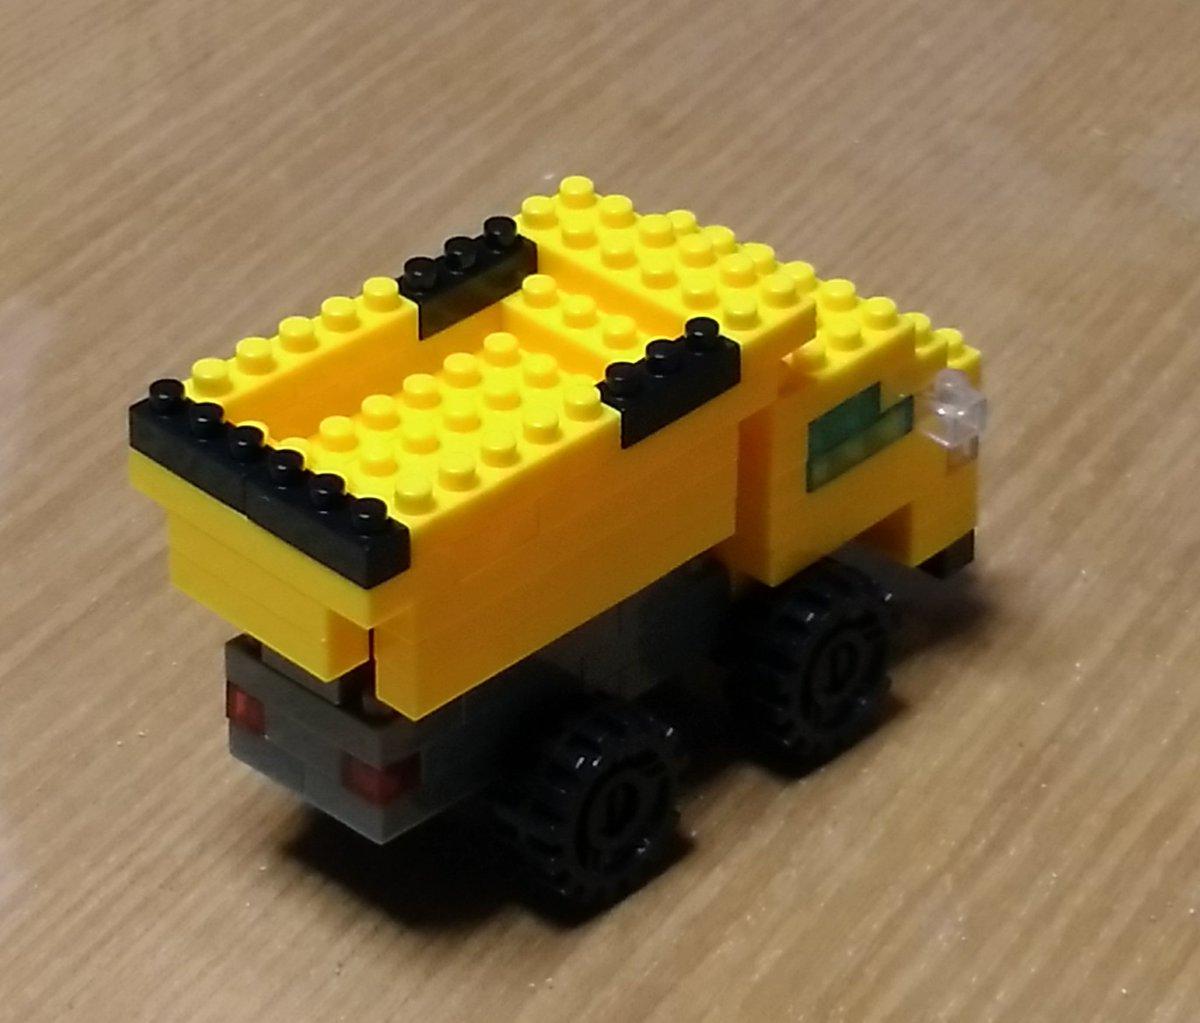 test ツイッターメディア - #セリア の #マイクロブロック ダンプ作ってみた。なかなか良い重量感だし、大型のタイヤも迫力ある。ジョイントで若干だけど荷台も上下する。調子に乗ると、すぐ外れるけどねー。 荷台の底が埋まってるのが難点かなー。むしろ茶色のブロックで土砂か何か作っても良さそう。 https://t.co/lH8GUmVH7N